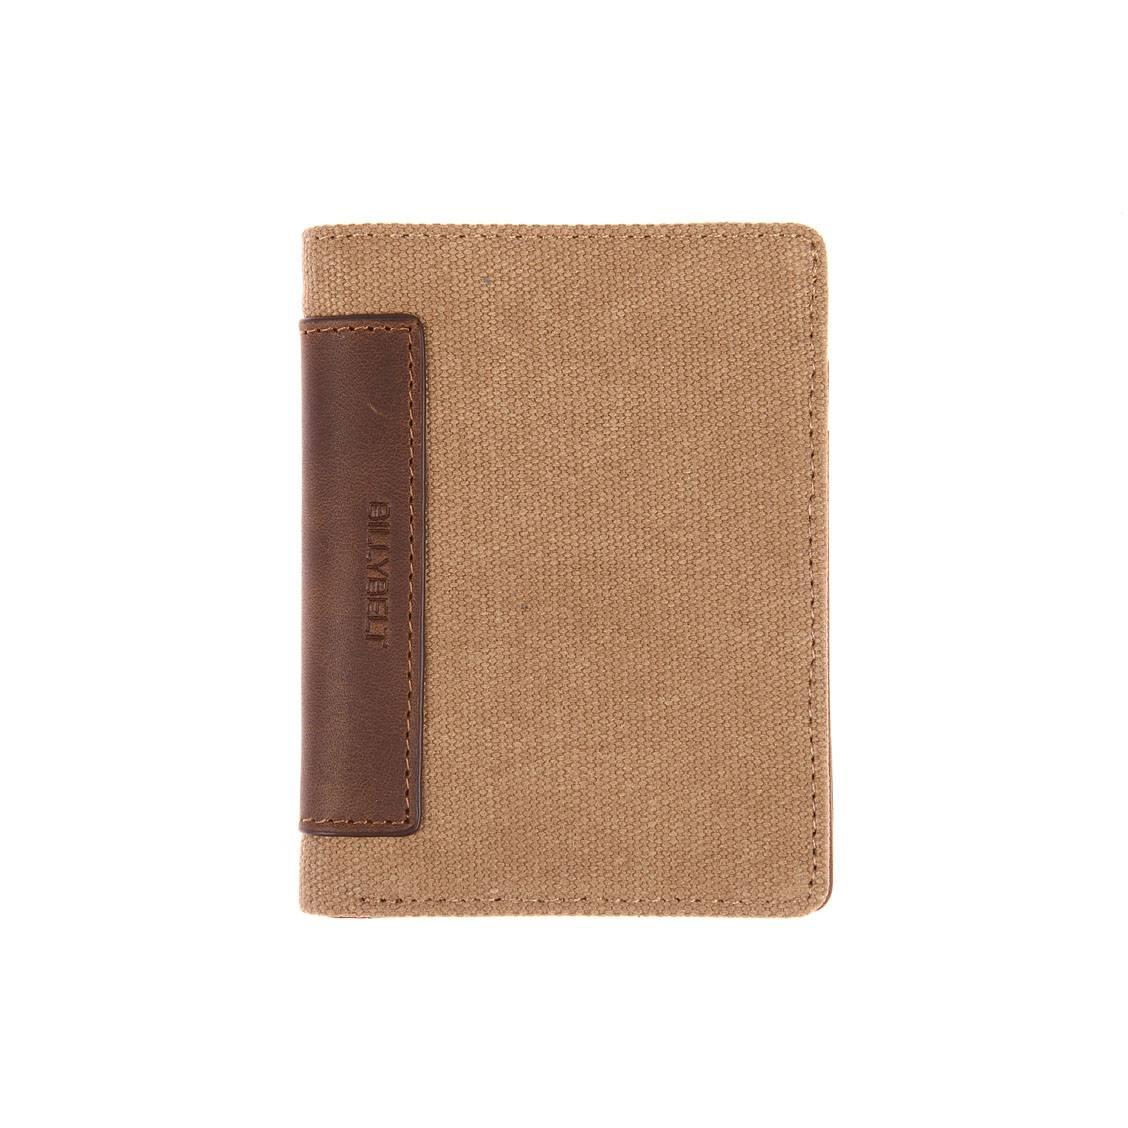 Portefeuille Billy Belt en coton ciré et cuir de vachette beige ... 28257f29960